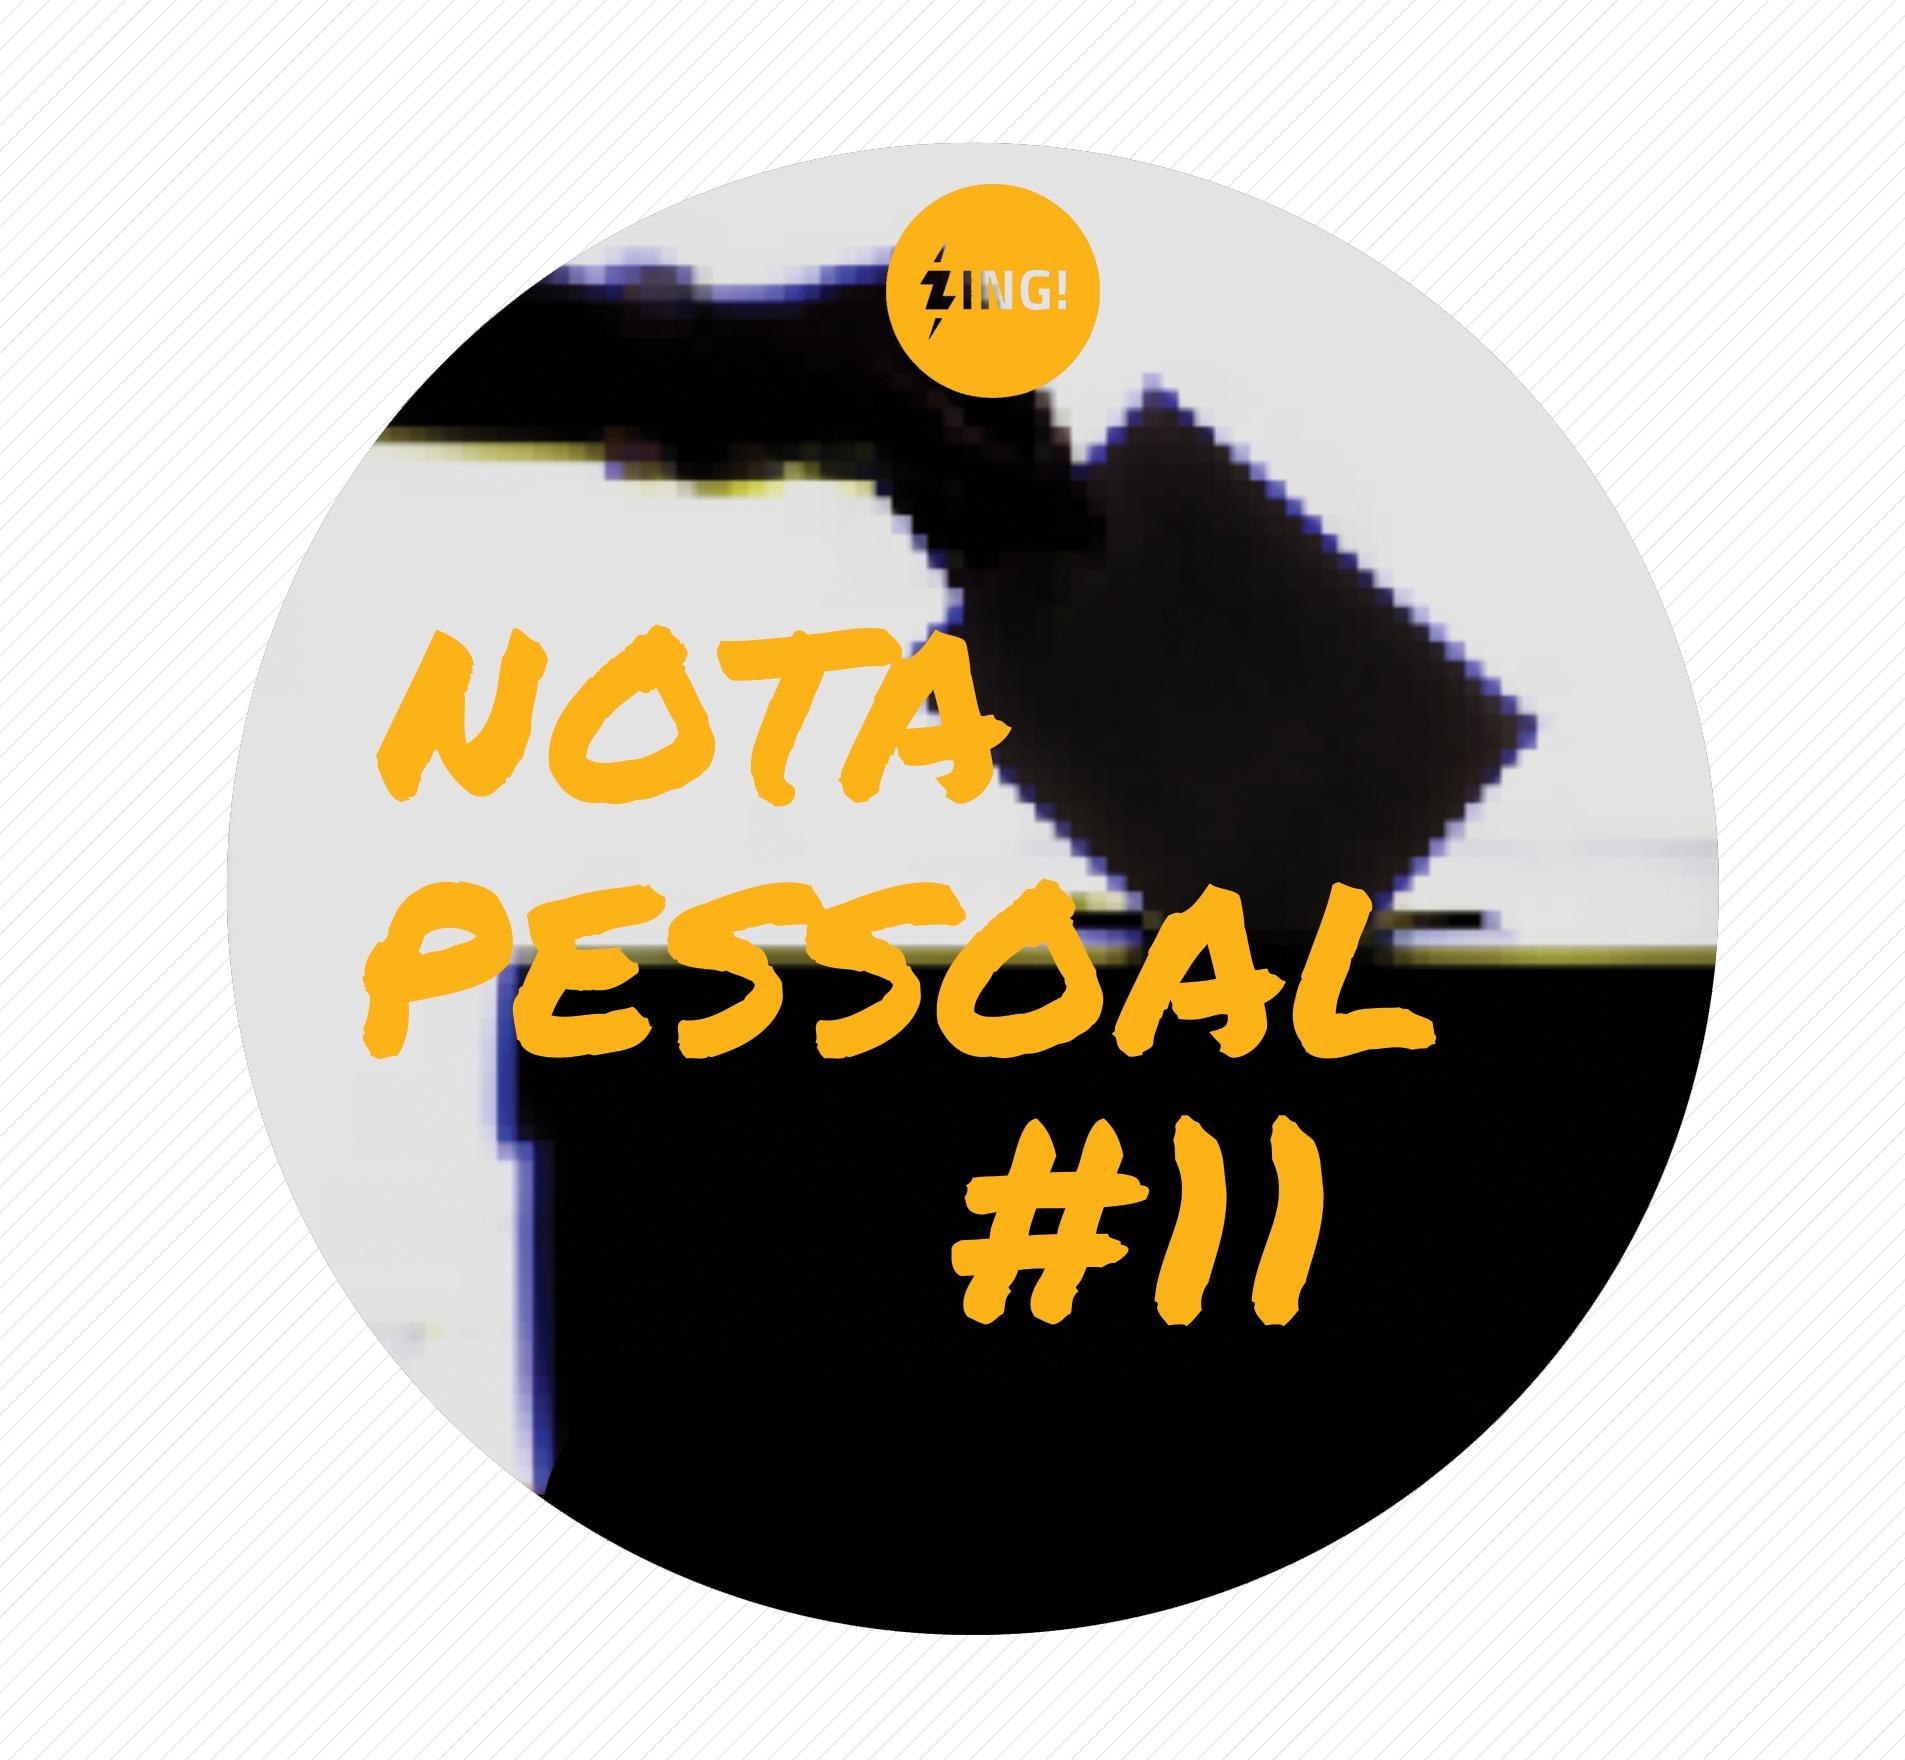 Capa - Nota Pessoal #11 - Hackearam a democracia